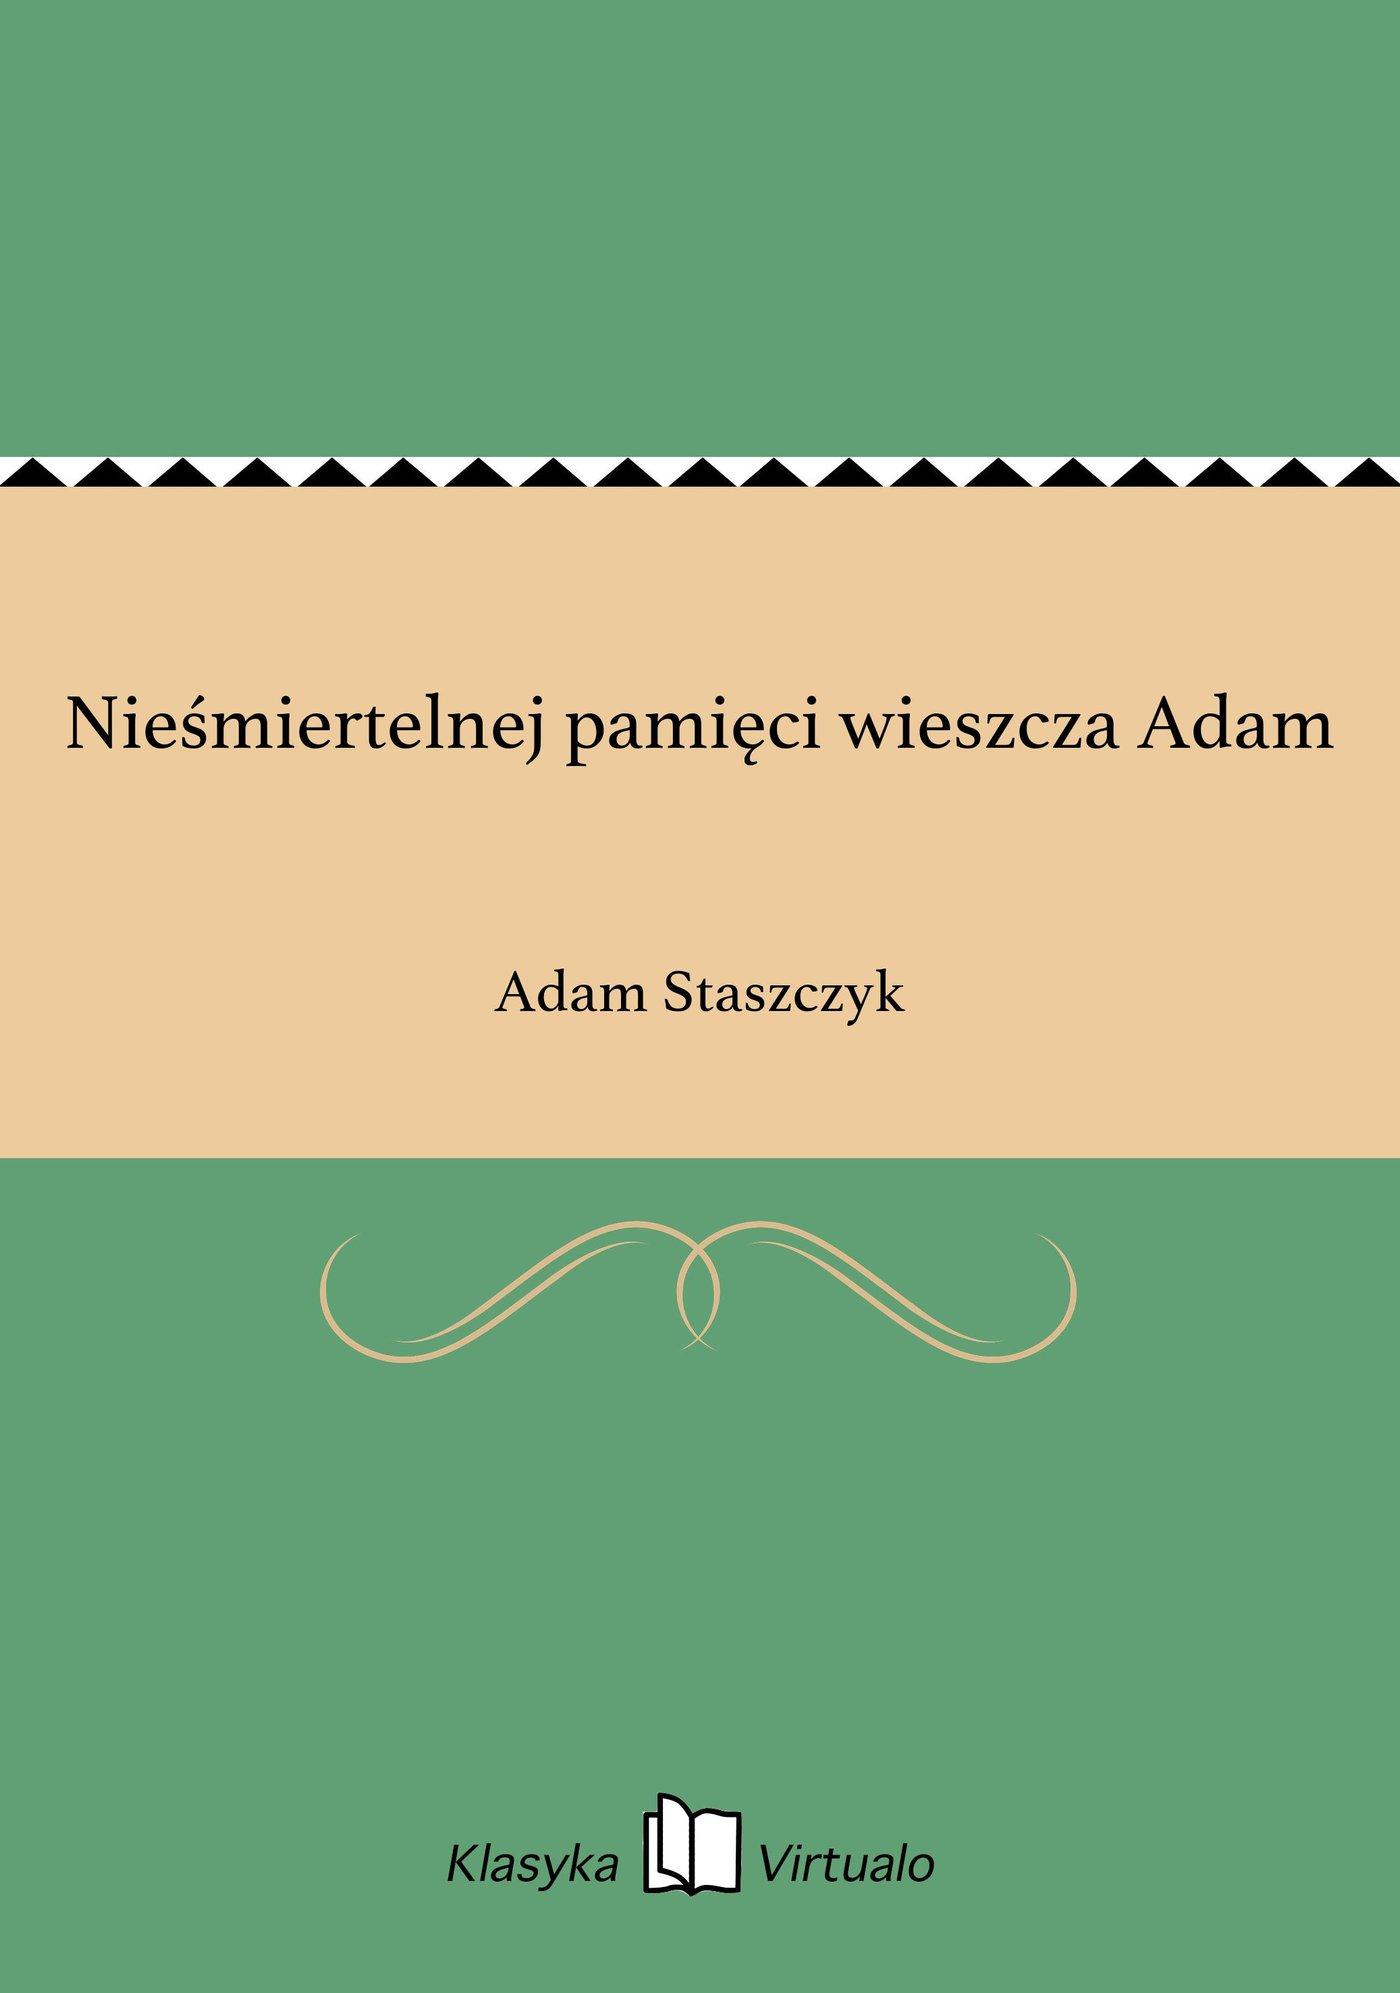 Nieśmiertelnej pamięci wieszcza Adam - Ebook (Książka EPUB) do pobrania w formacie EPUB